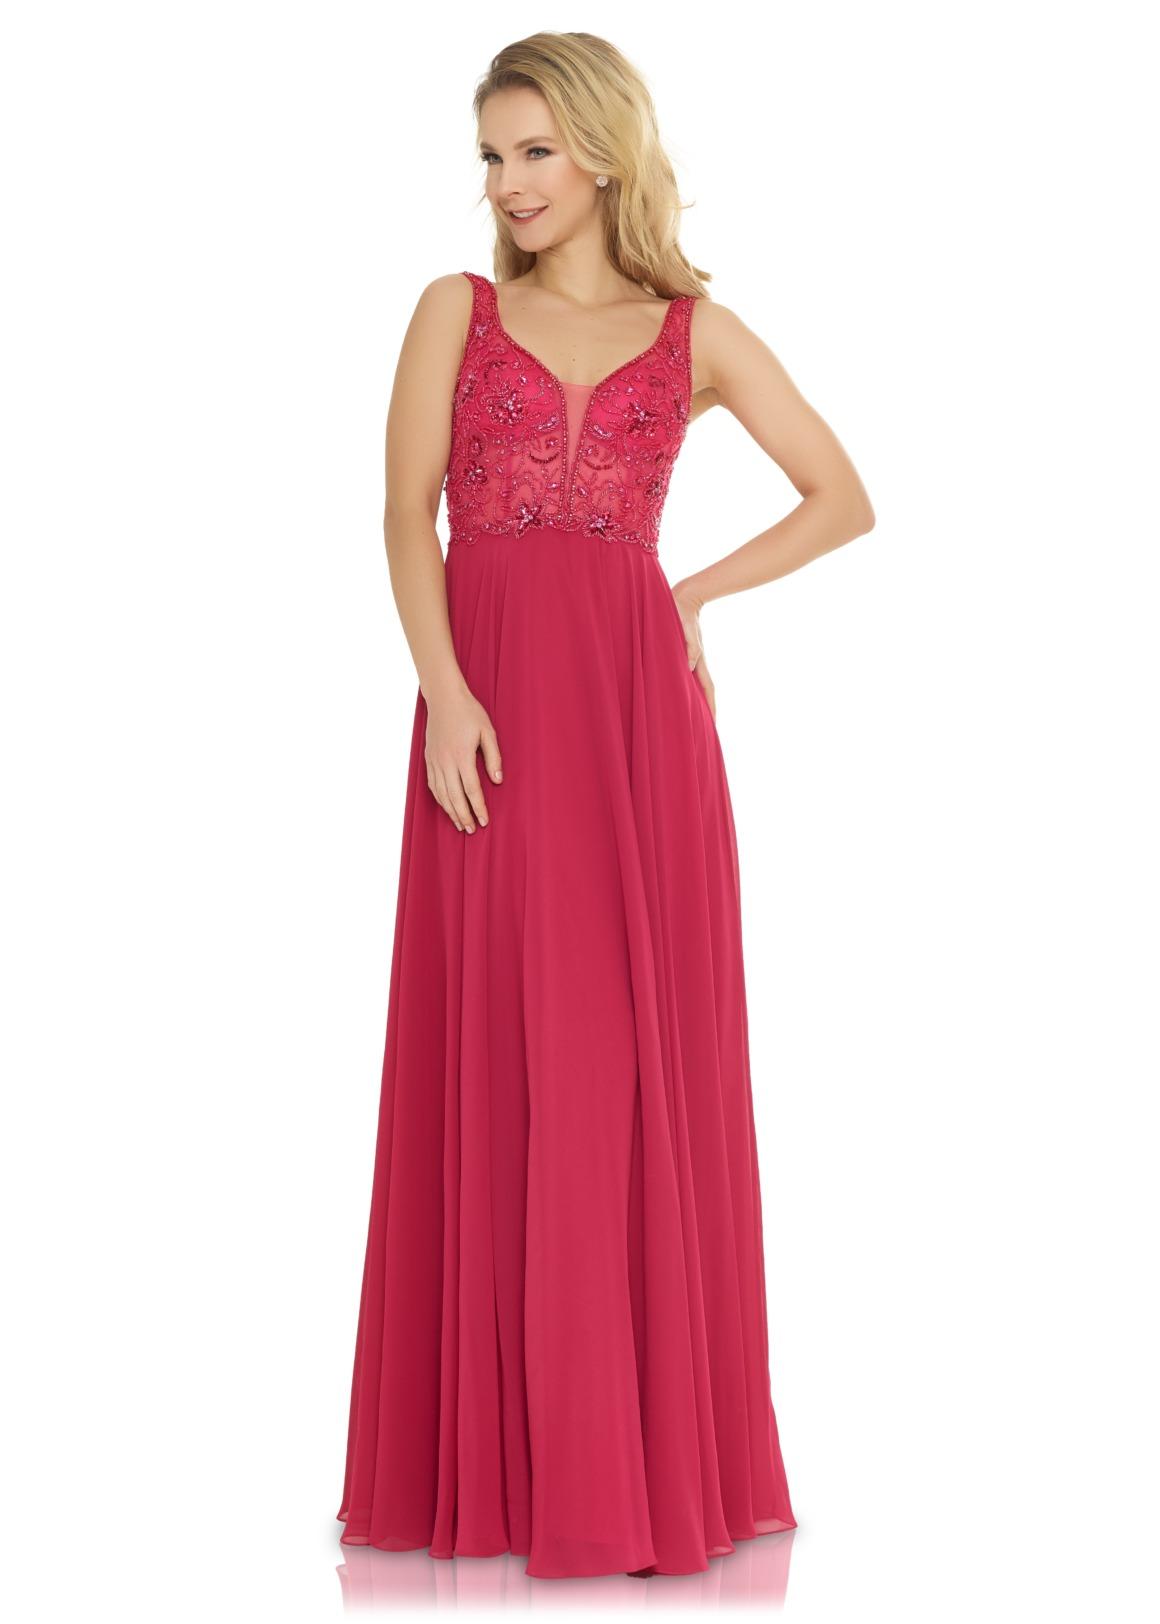 Brautjungfern Kleid Hochzeit Mode klassisch Trauzeugin Brides Maid  berry rot soft pastell